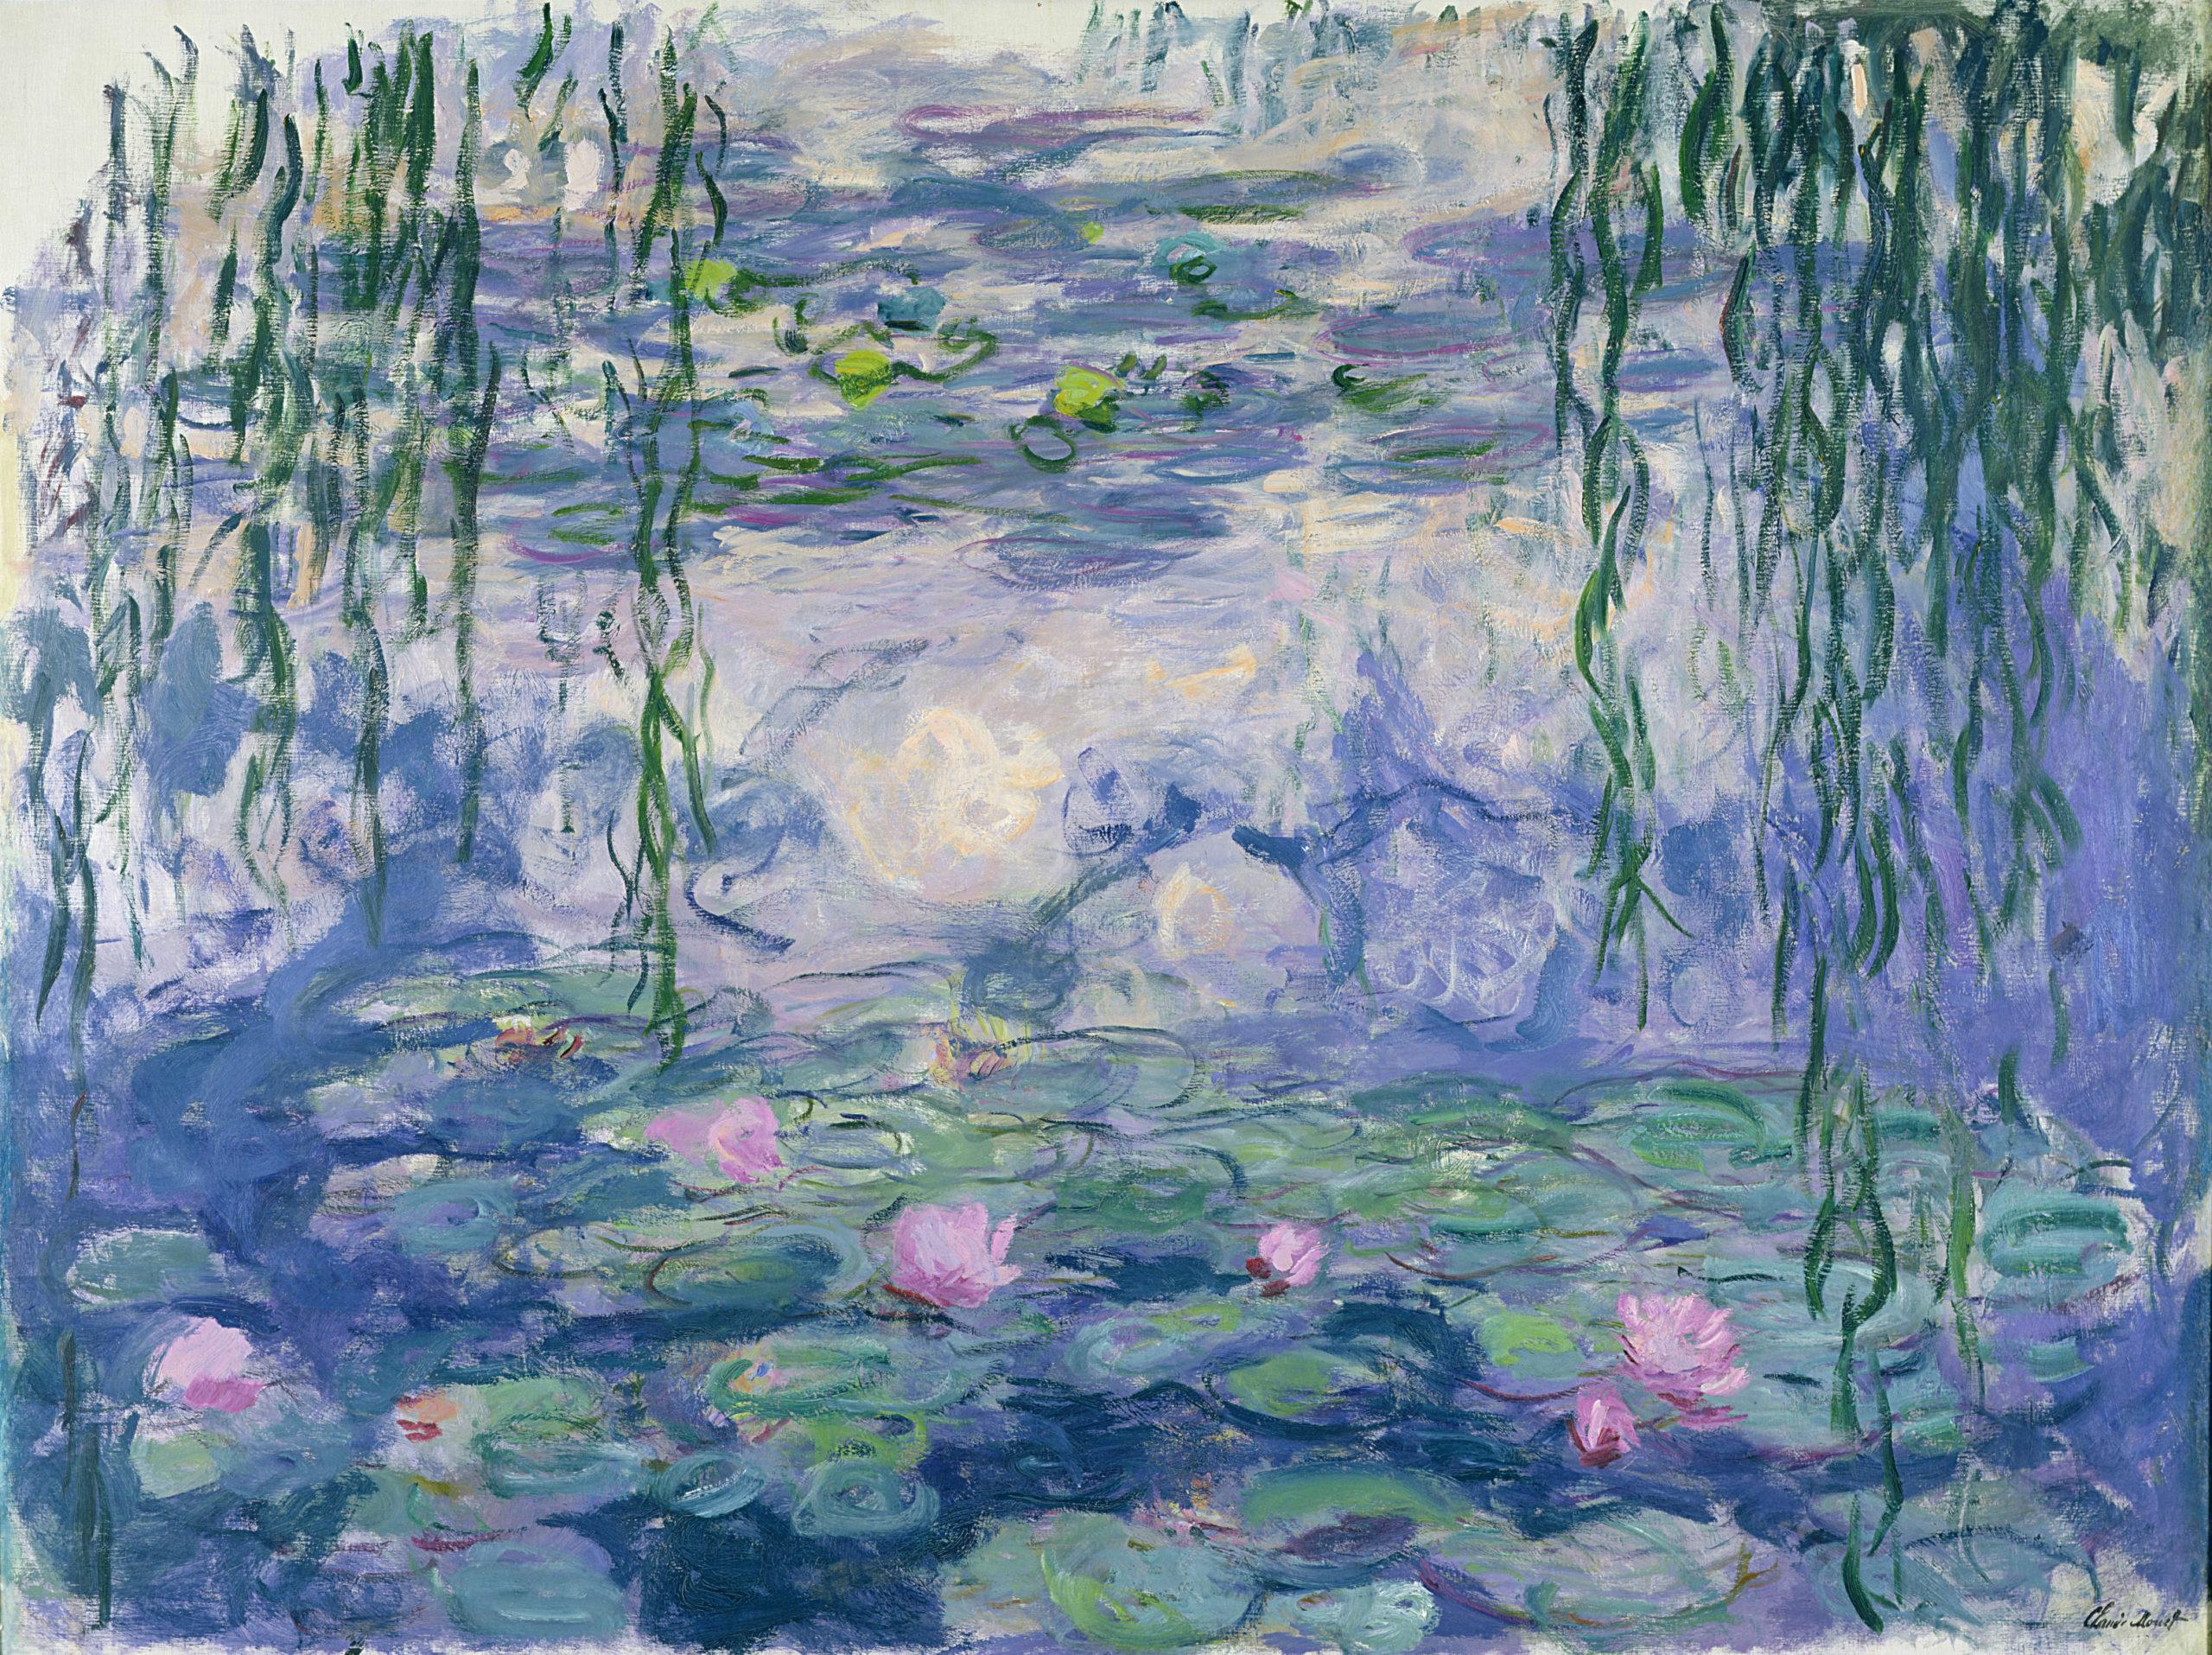 In arrivo Monet e gli Impressionisti! Le mostre da vedere a Bologna